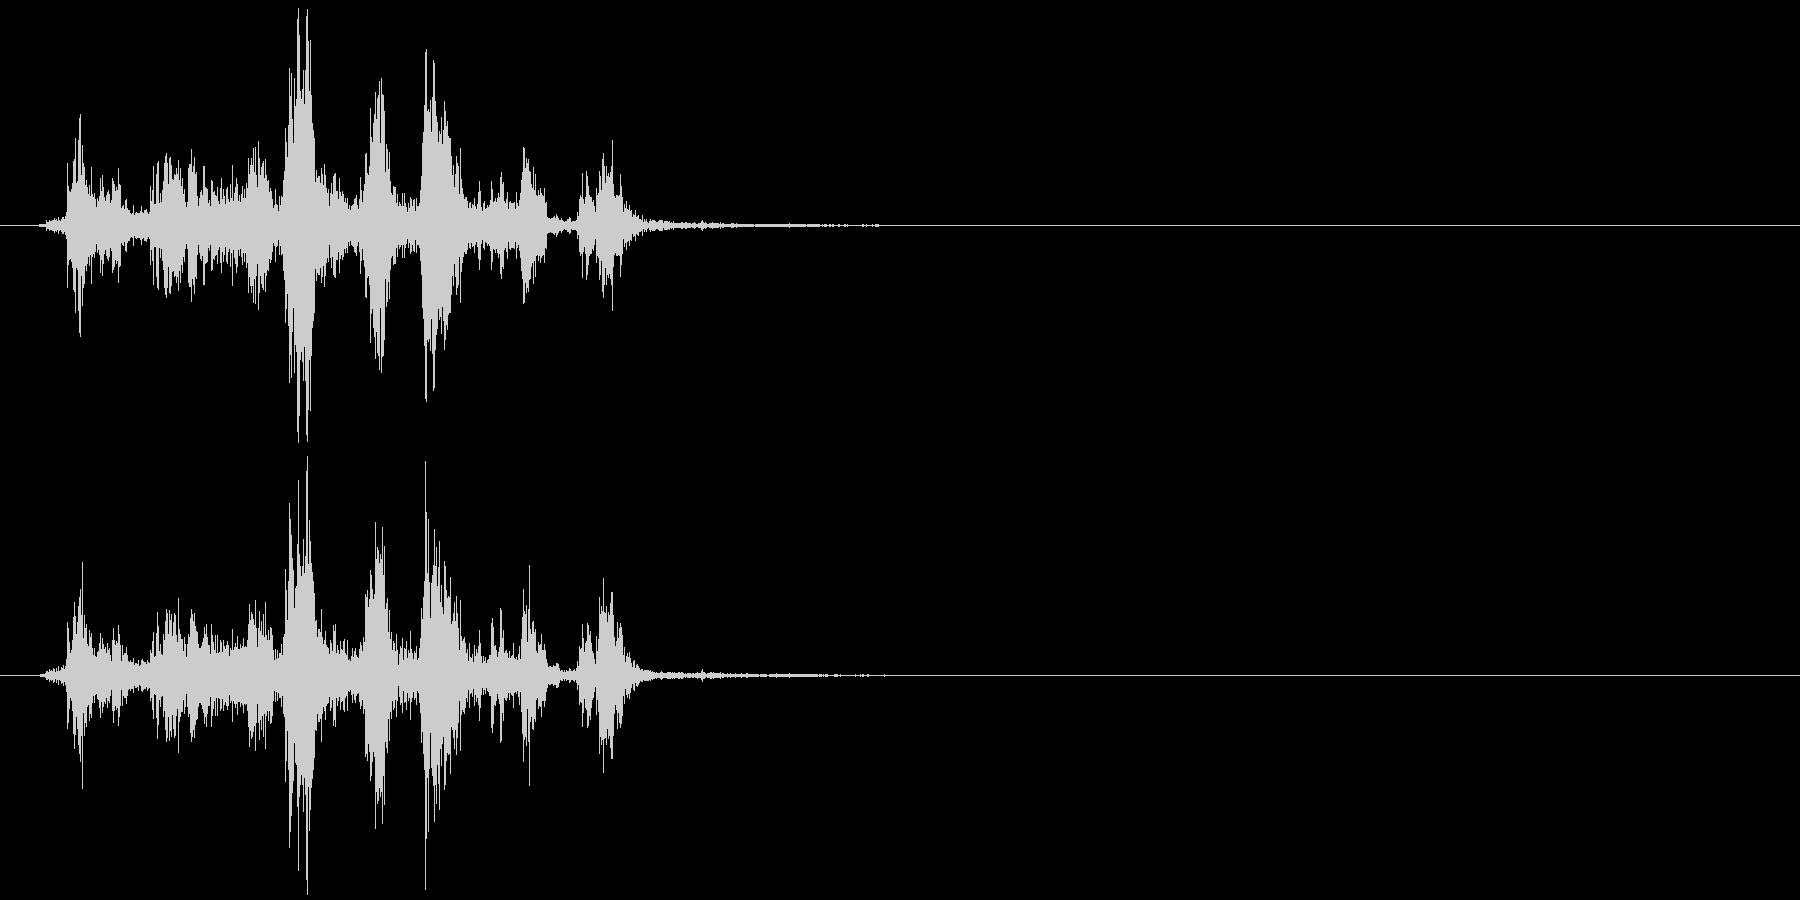 ガサゴソ(物を探すときの音、演出)の未再生の波形